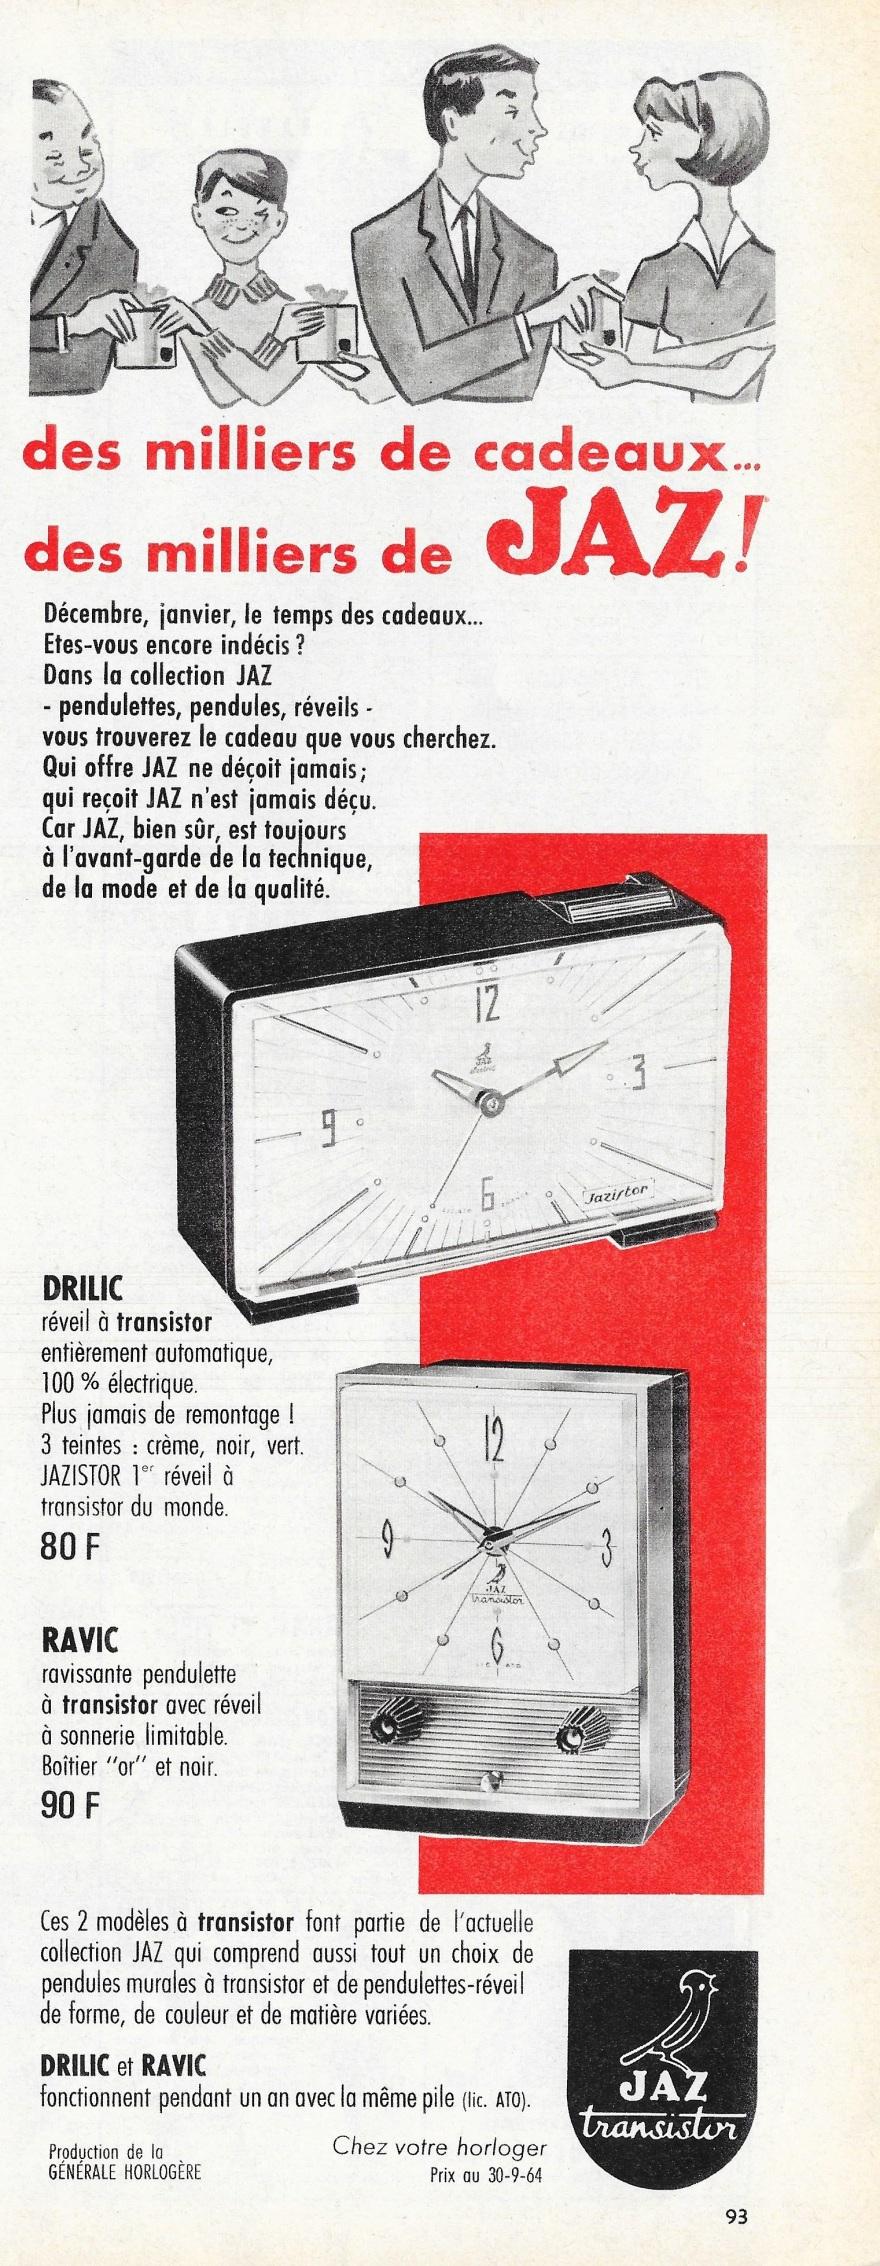 drilic ravic Paris Match